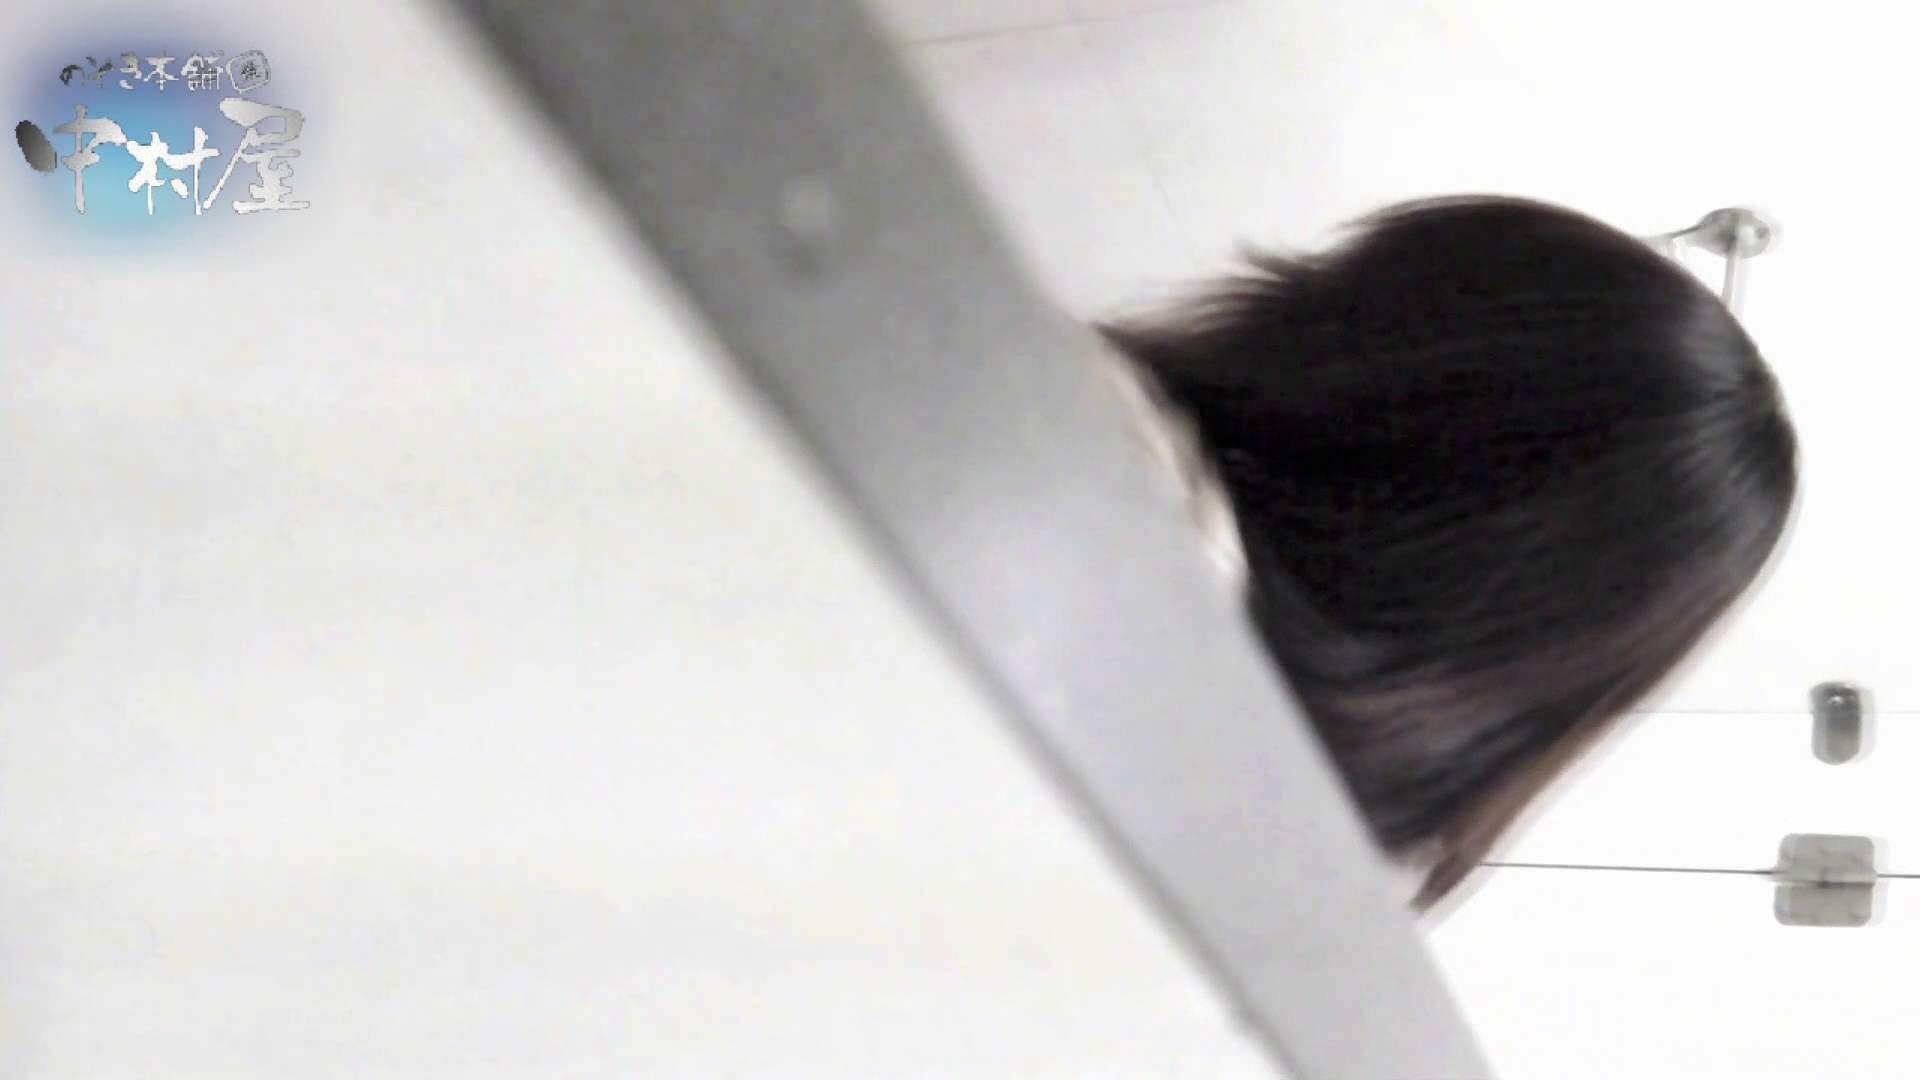 乙女集まる!ショッピングモール潜入撮vol.12 乙女のエロ動画   和式  78PIX 21